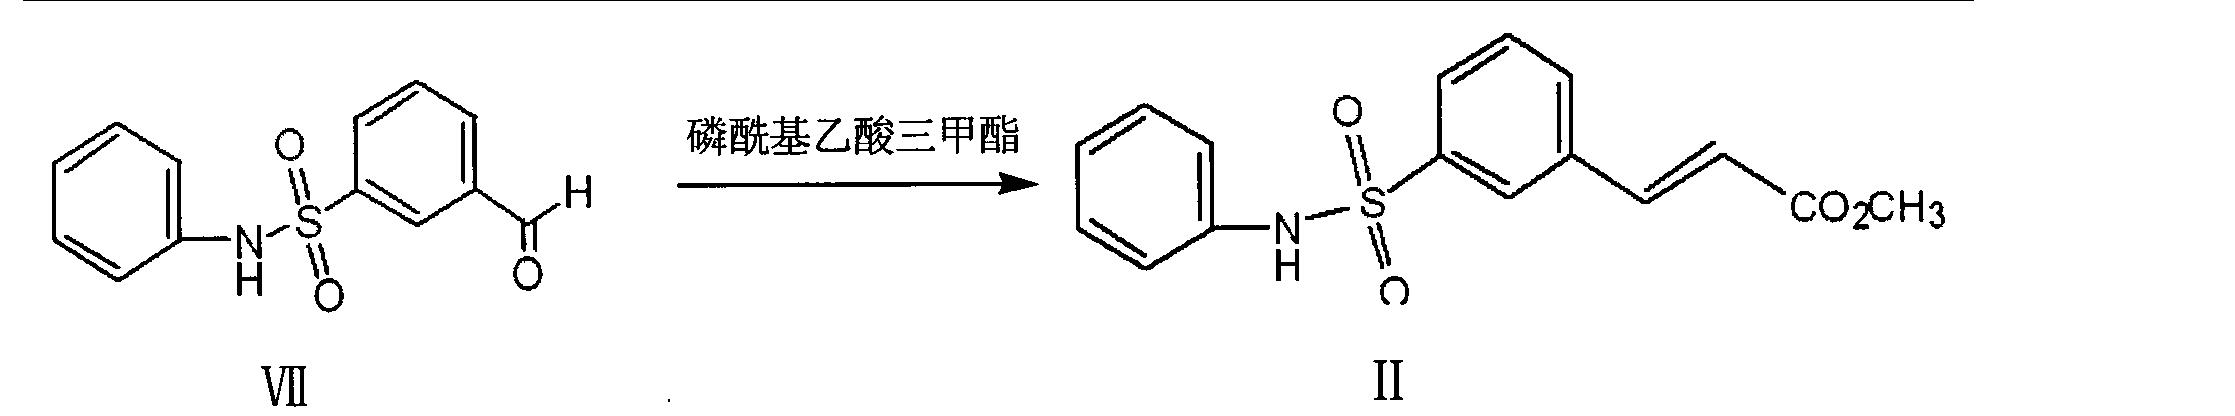 Figure CN102786448BD00091